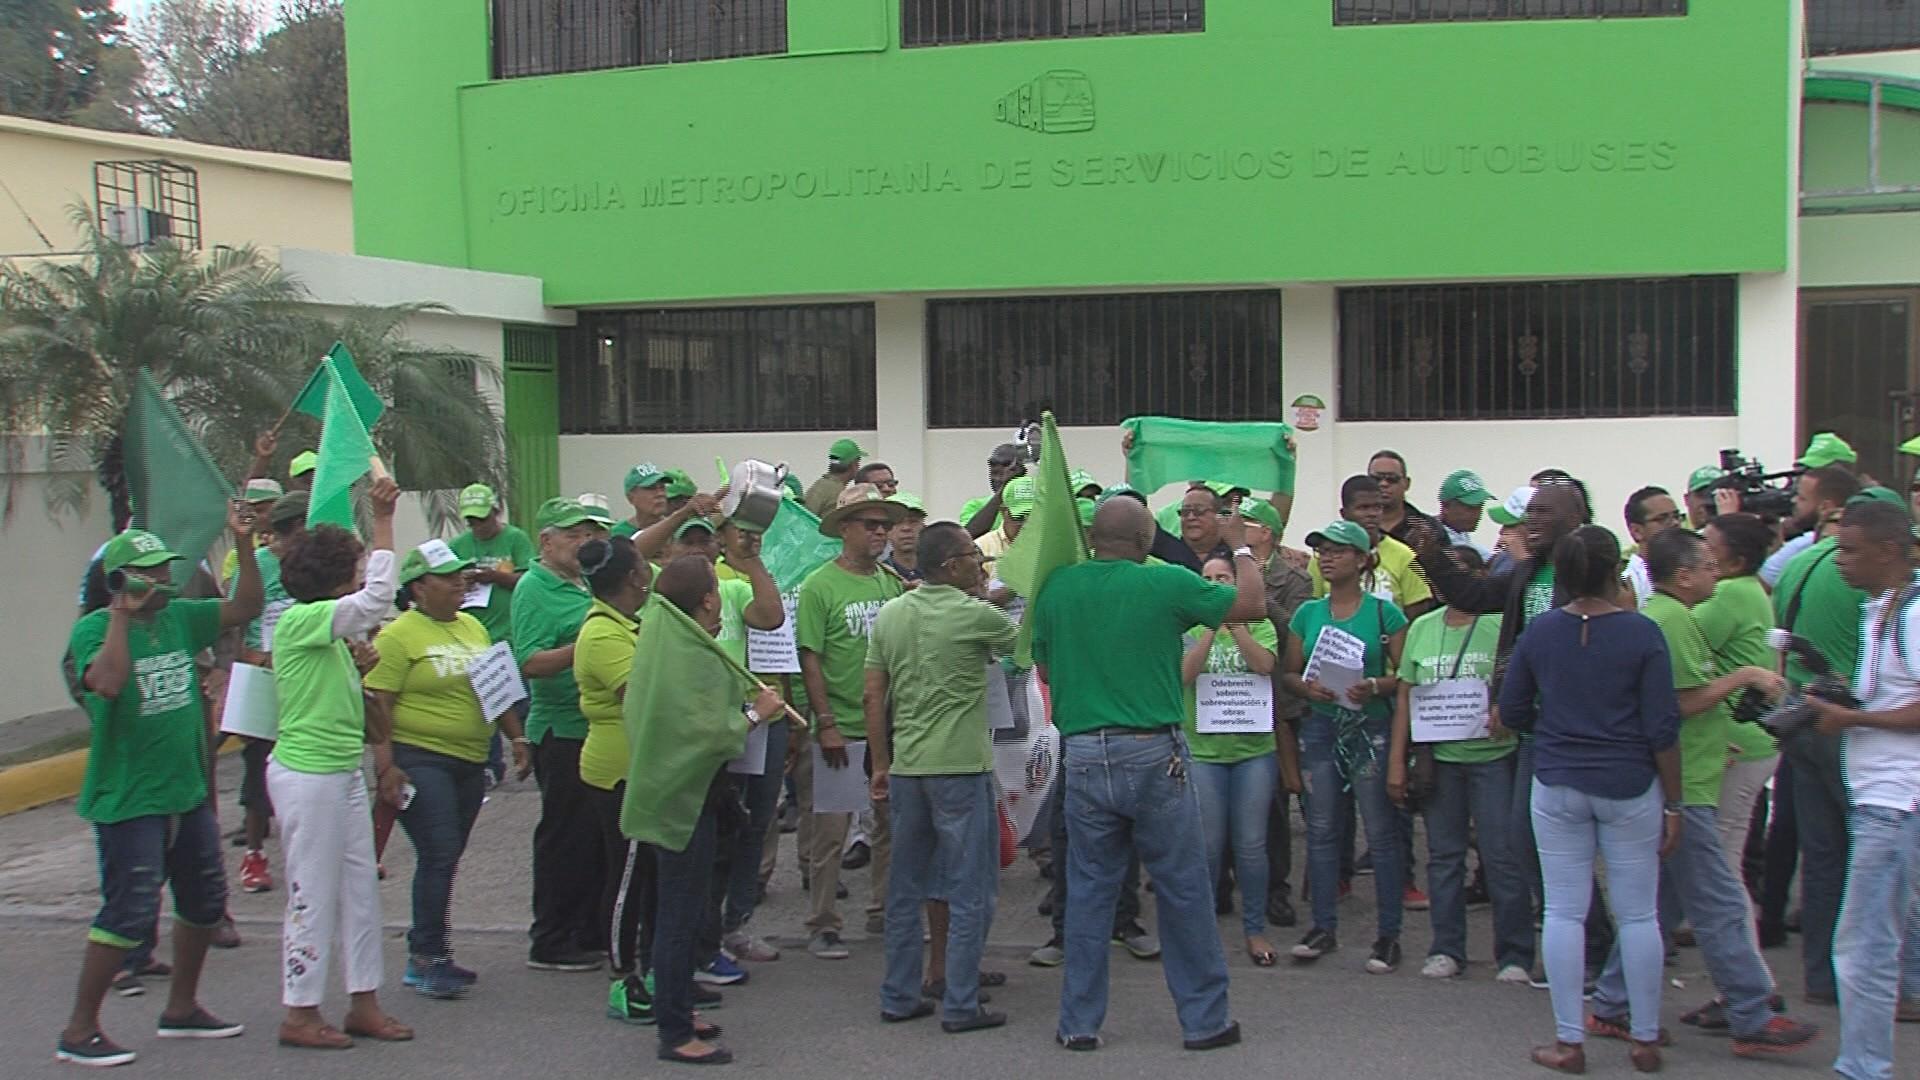 Representantes Marcha Verde protestan frente a la OMSA